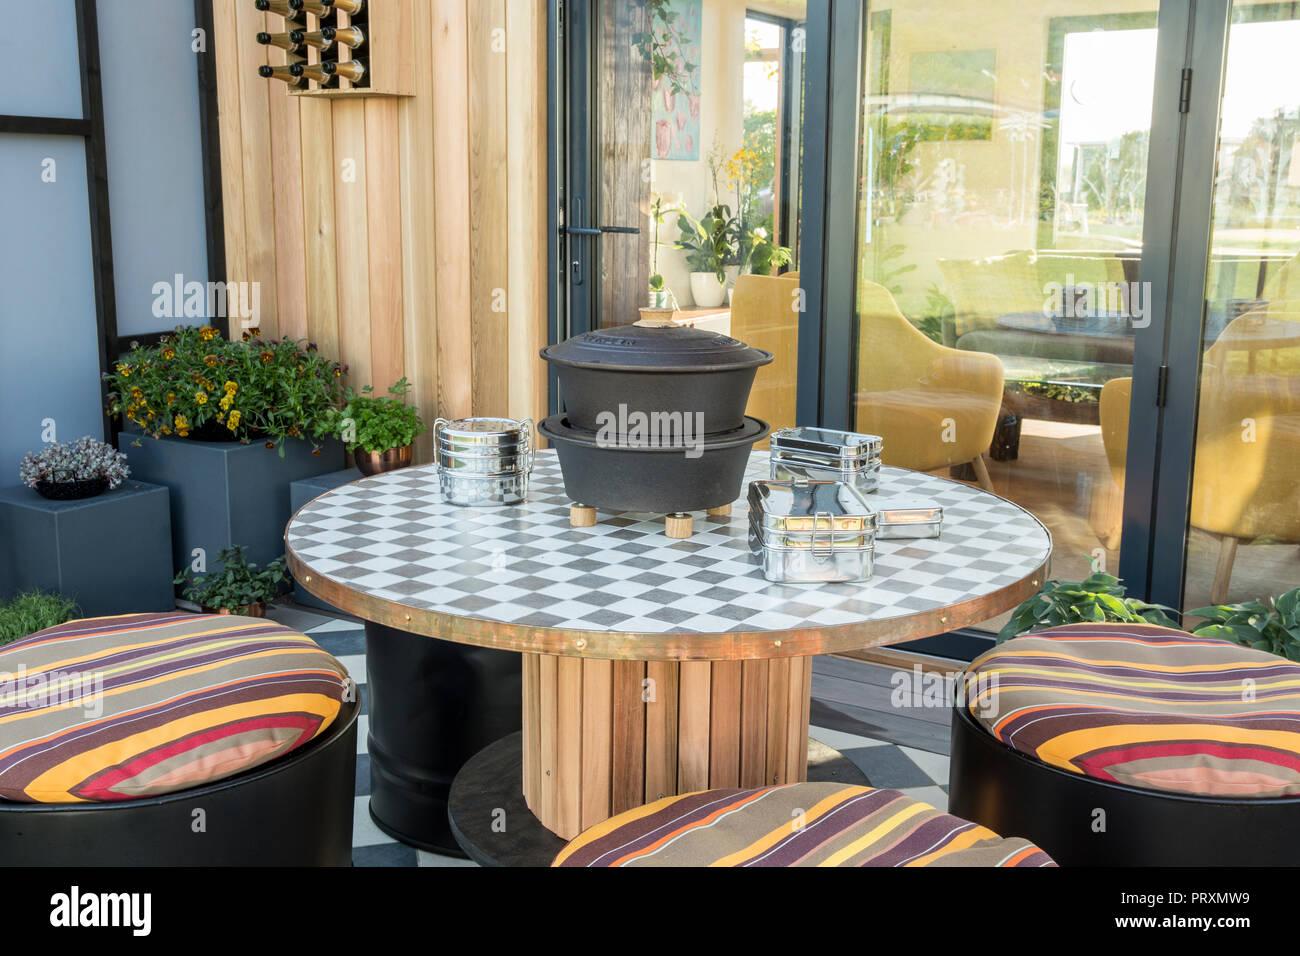 Balcon jardin avec table en bois recyclé et réutilisé le tambour à ...